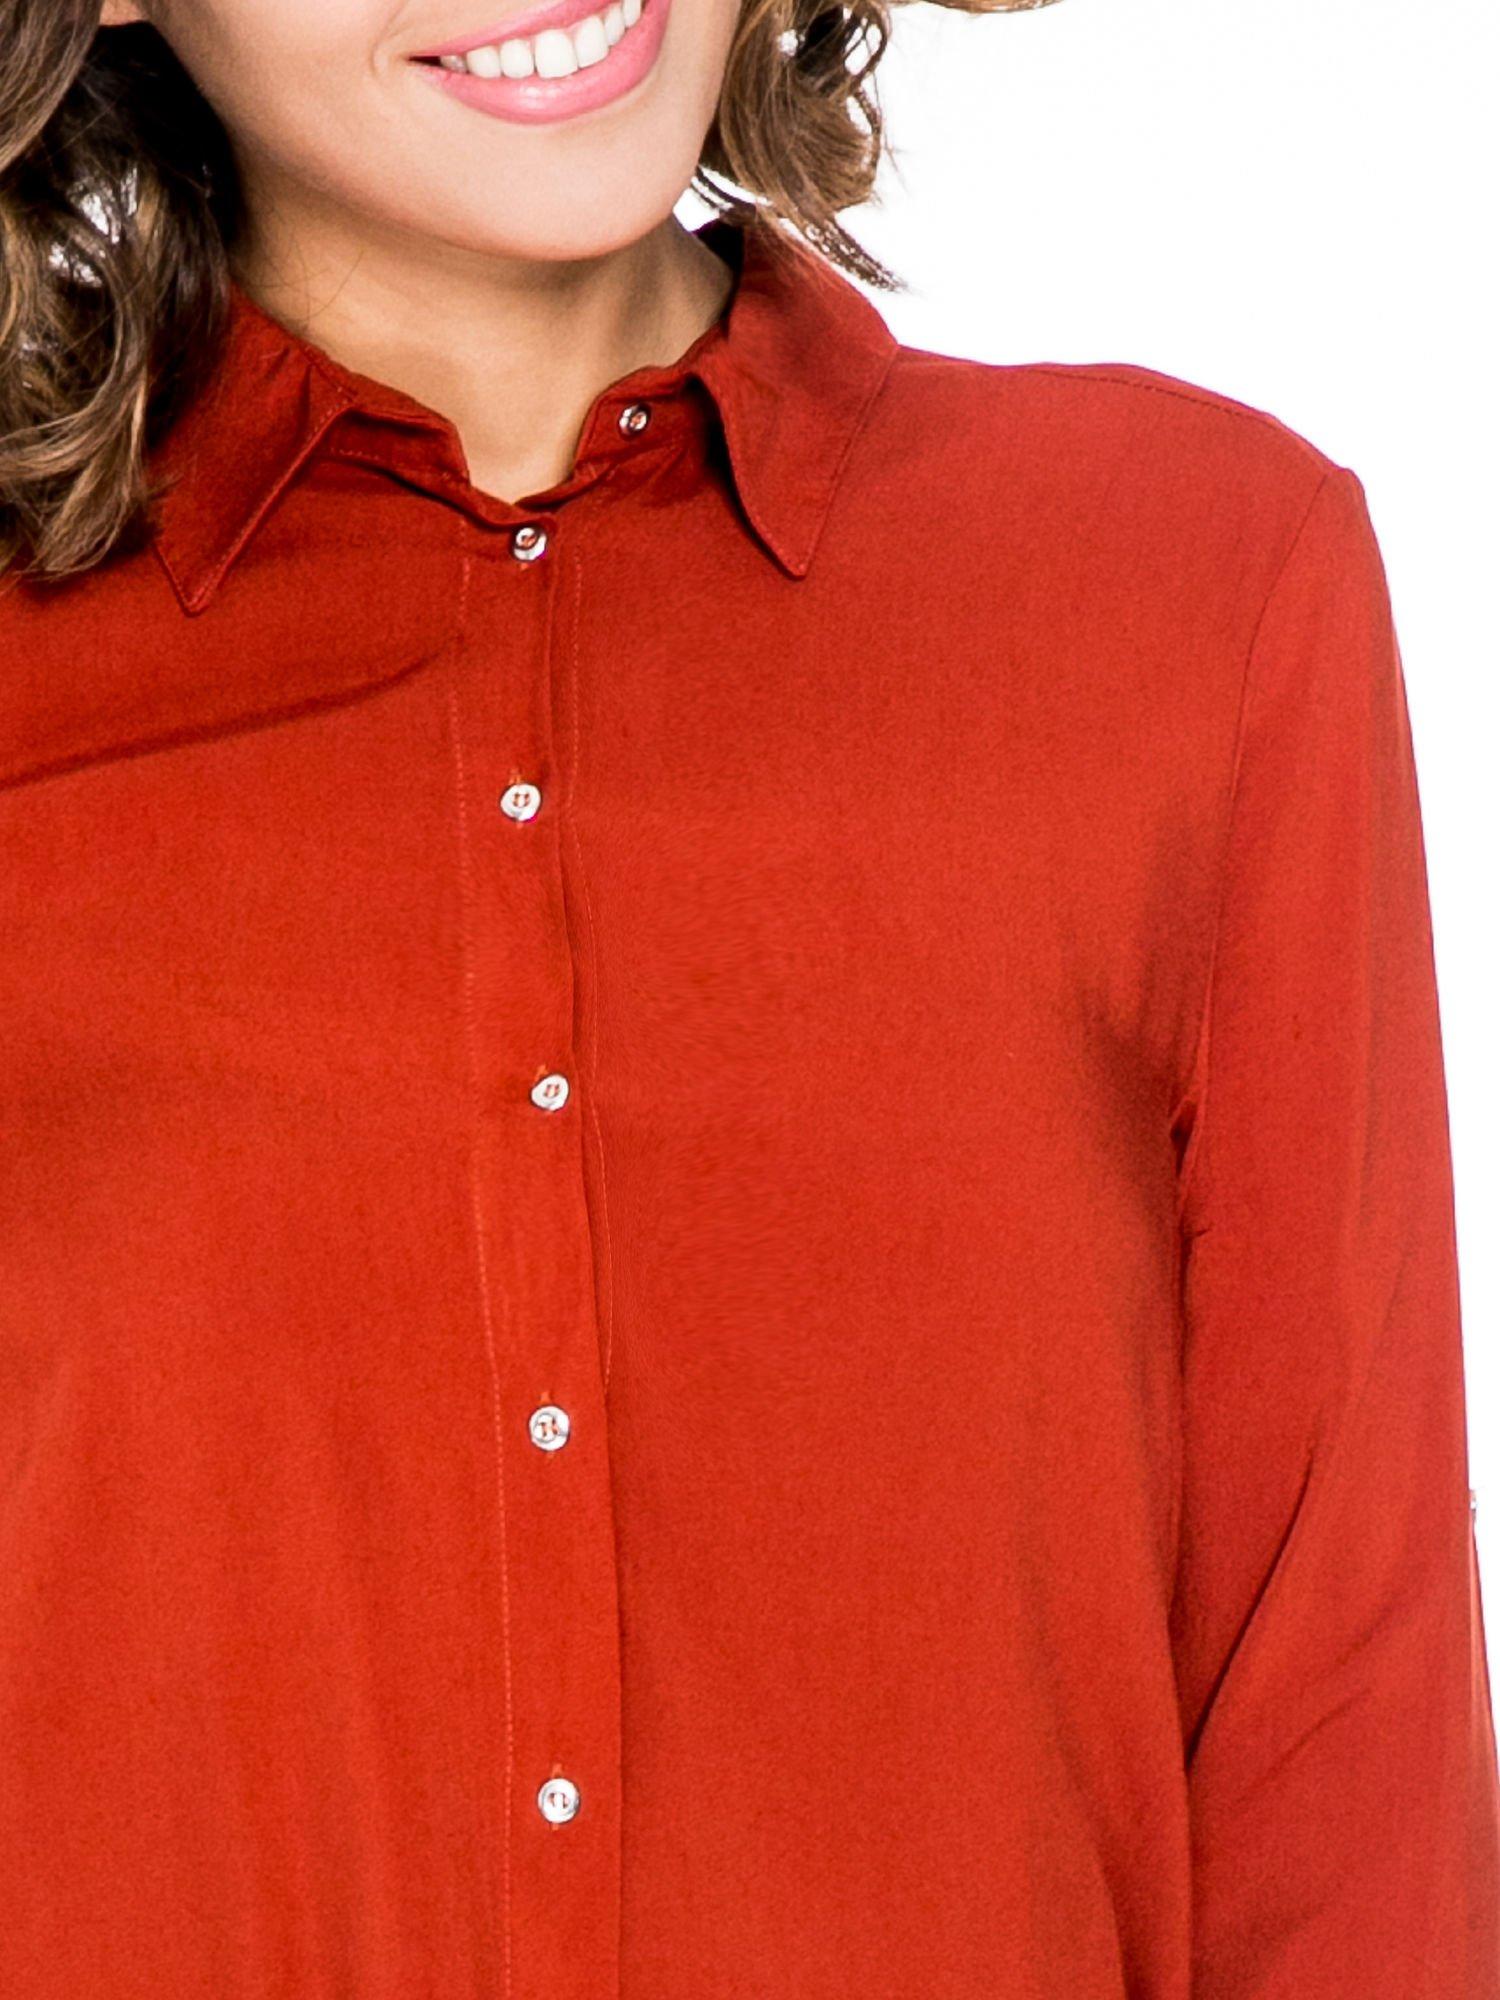 Pomarańczowa koszula damska z zamkiem z tyłu                                  zdj.                                  6